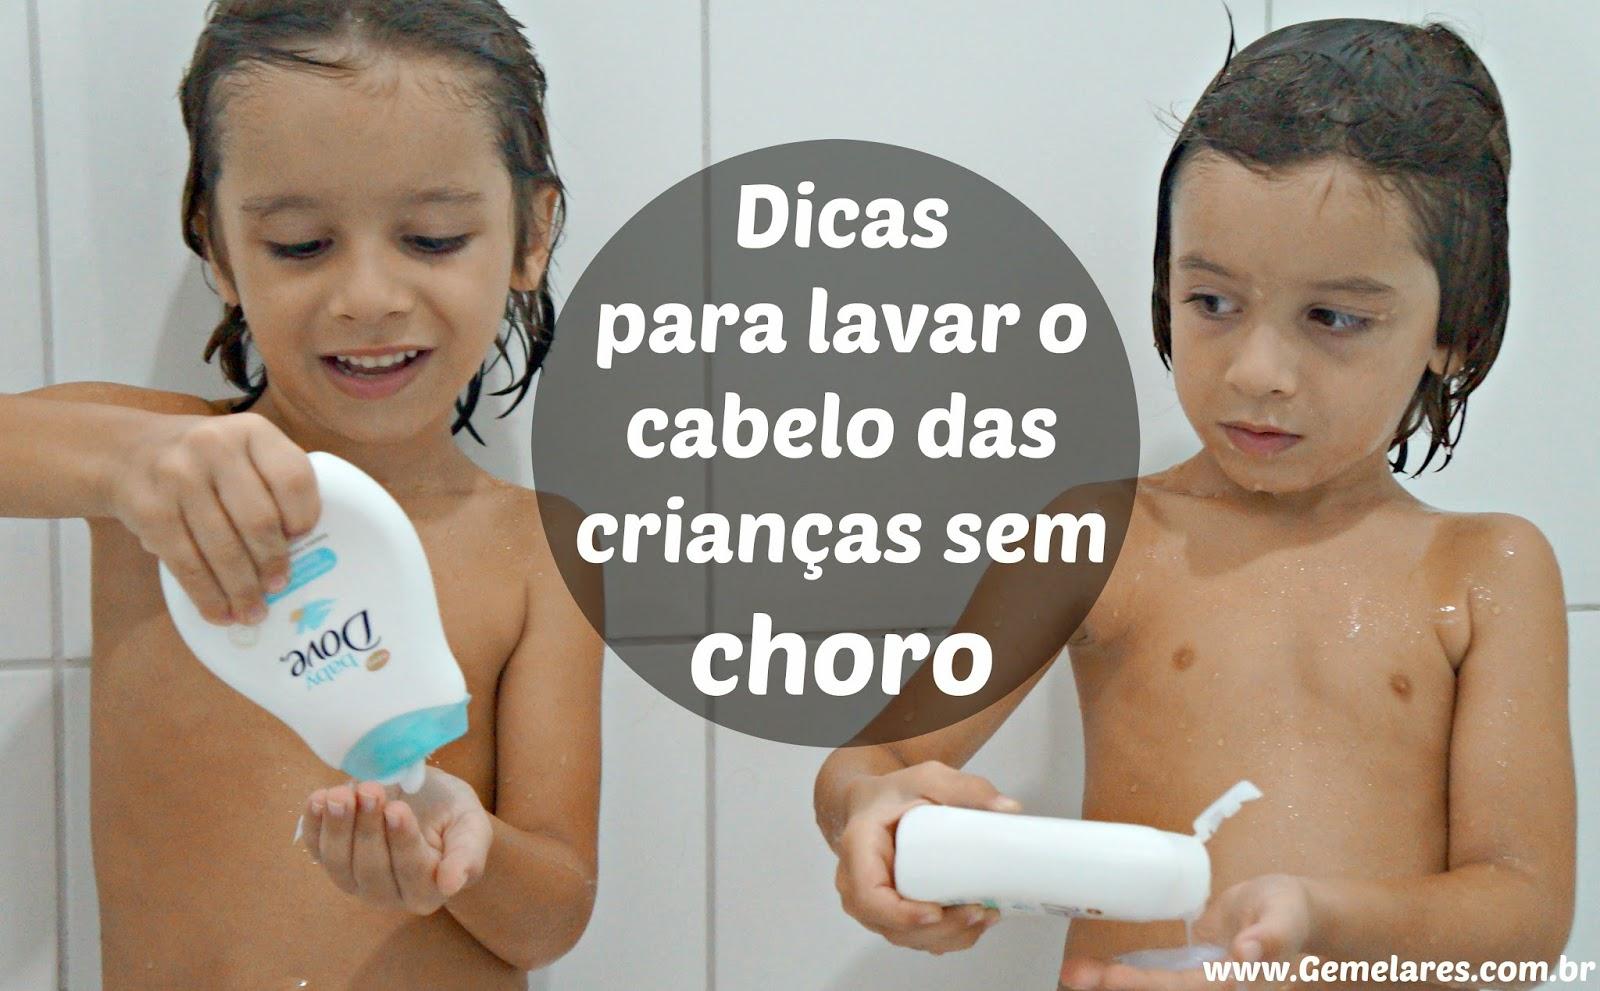 Dicas para lavar o cabelo das crianças sem choro